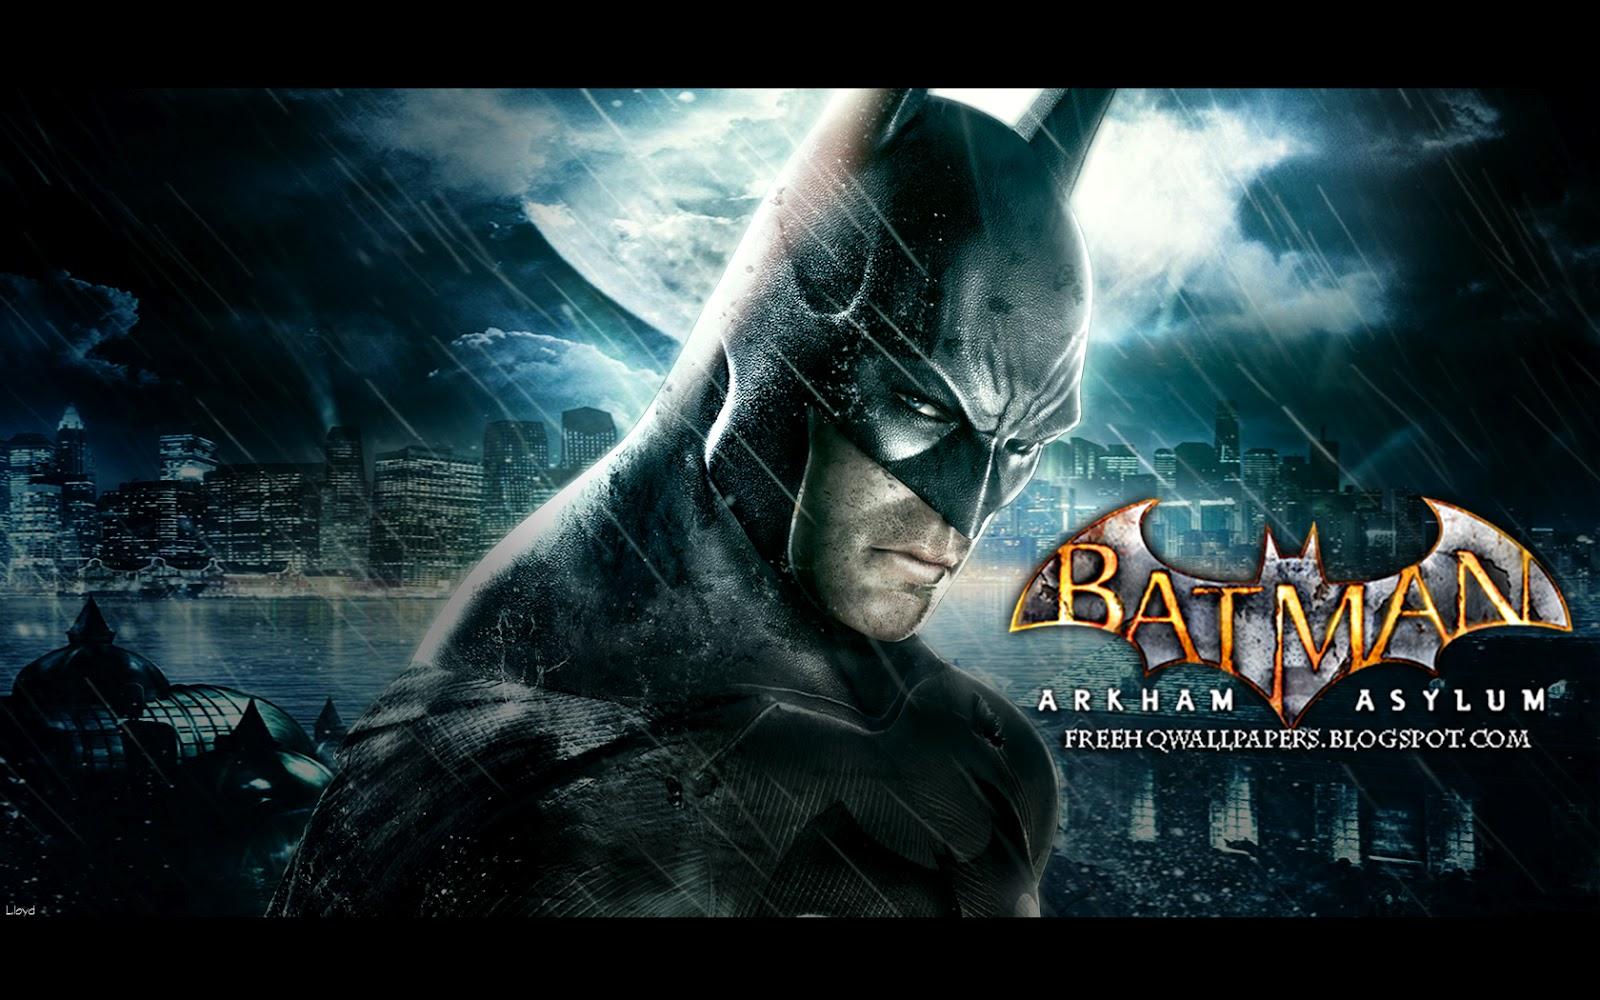 Batman Arkham Asylum Wallpaper 1600x1000